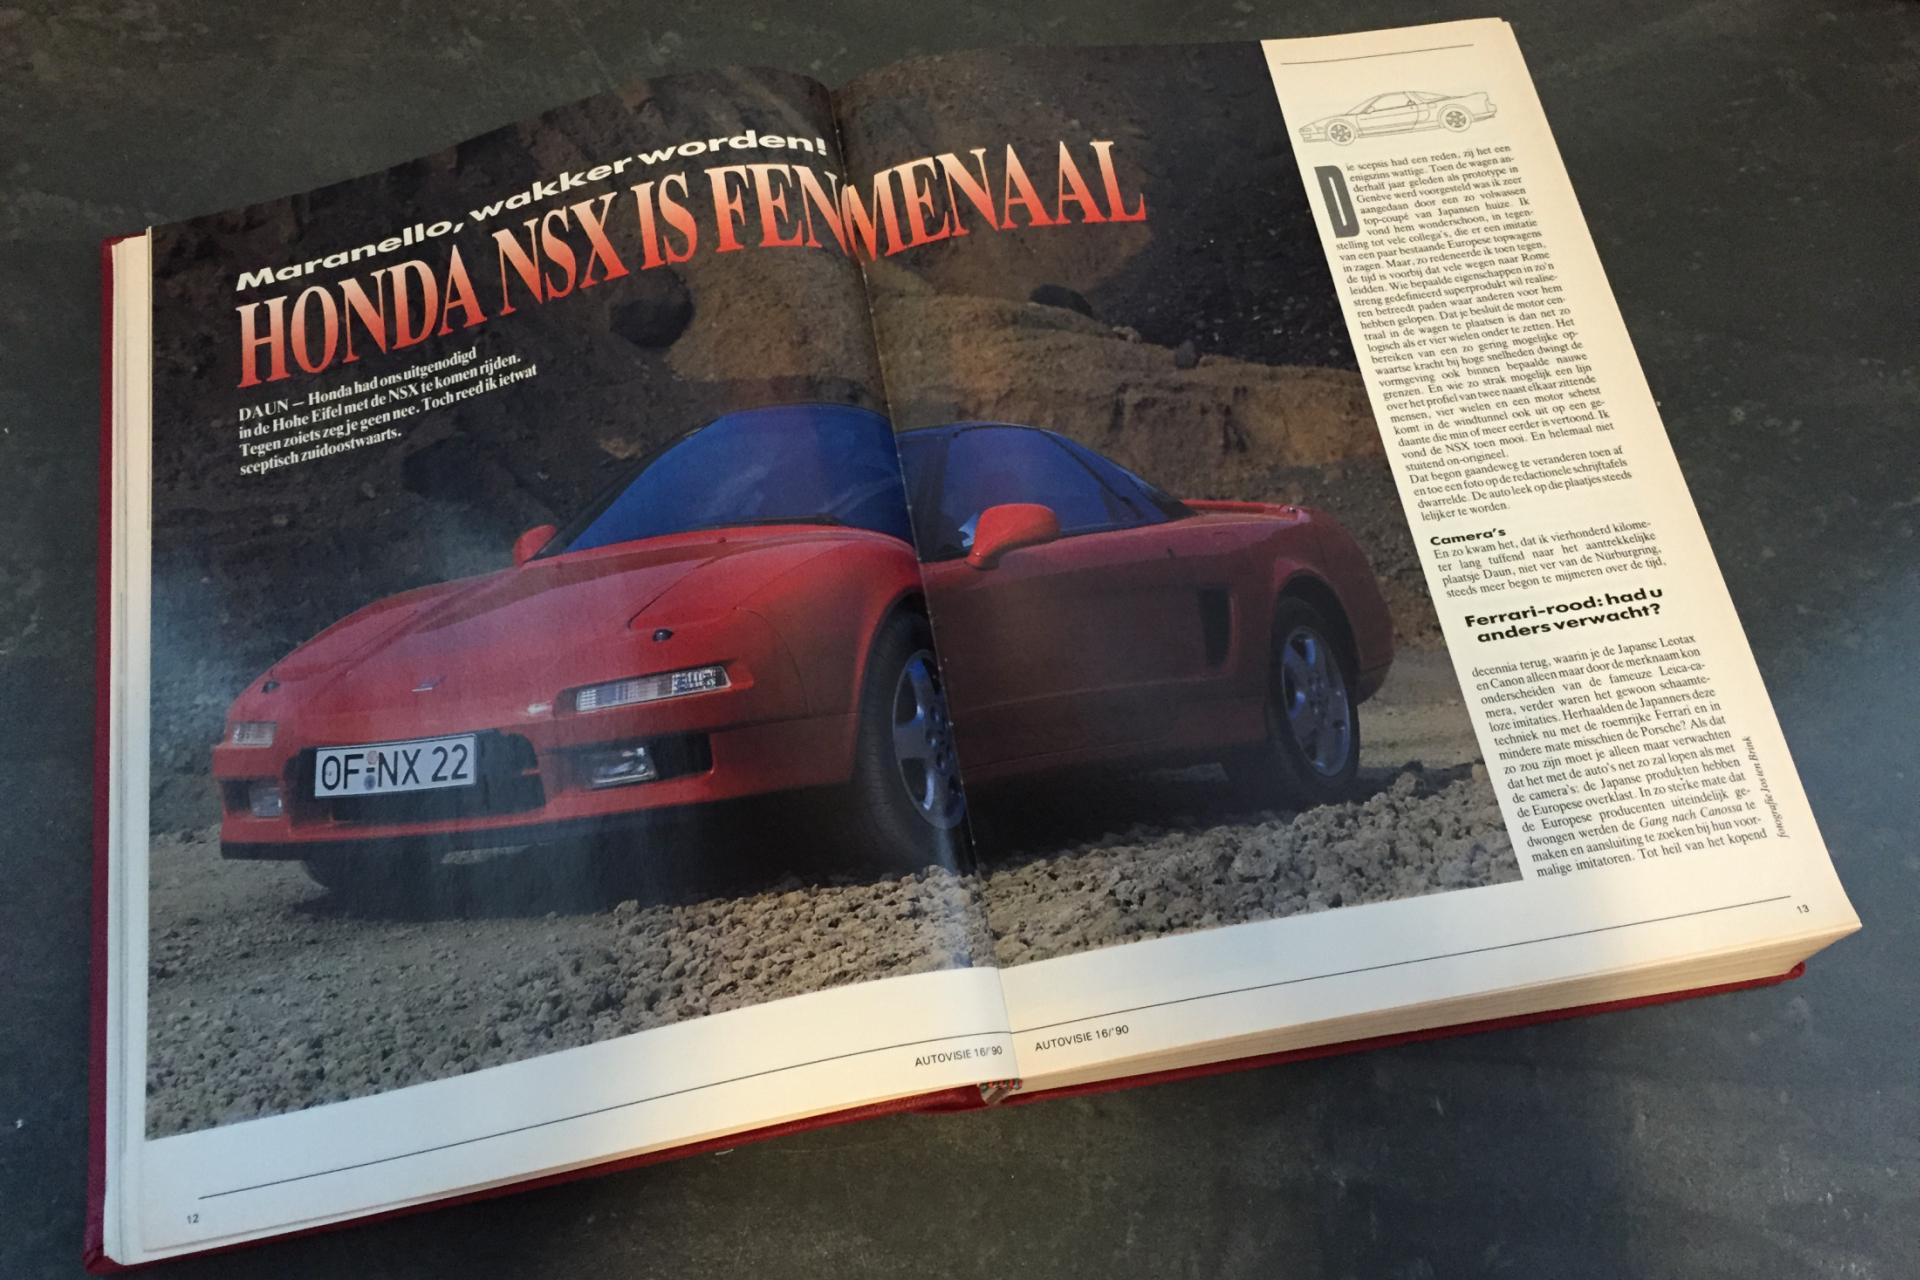 Rij-indruk Honda NSX, Autovisie 14, 1990.